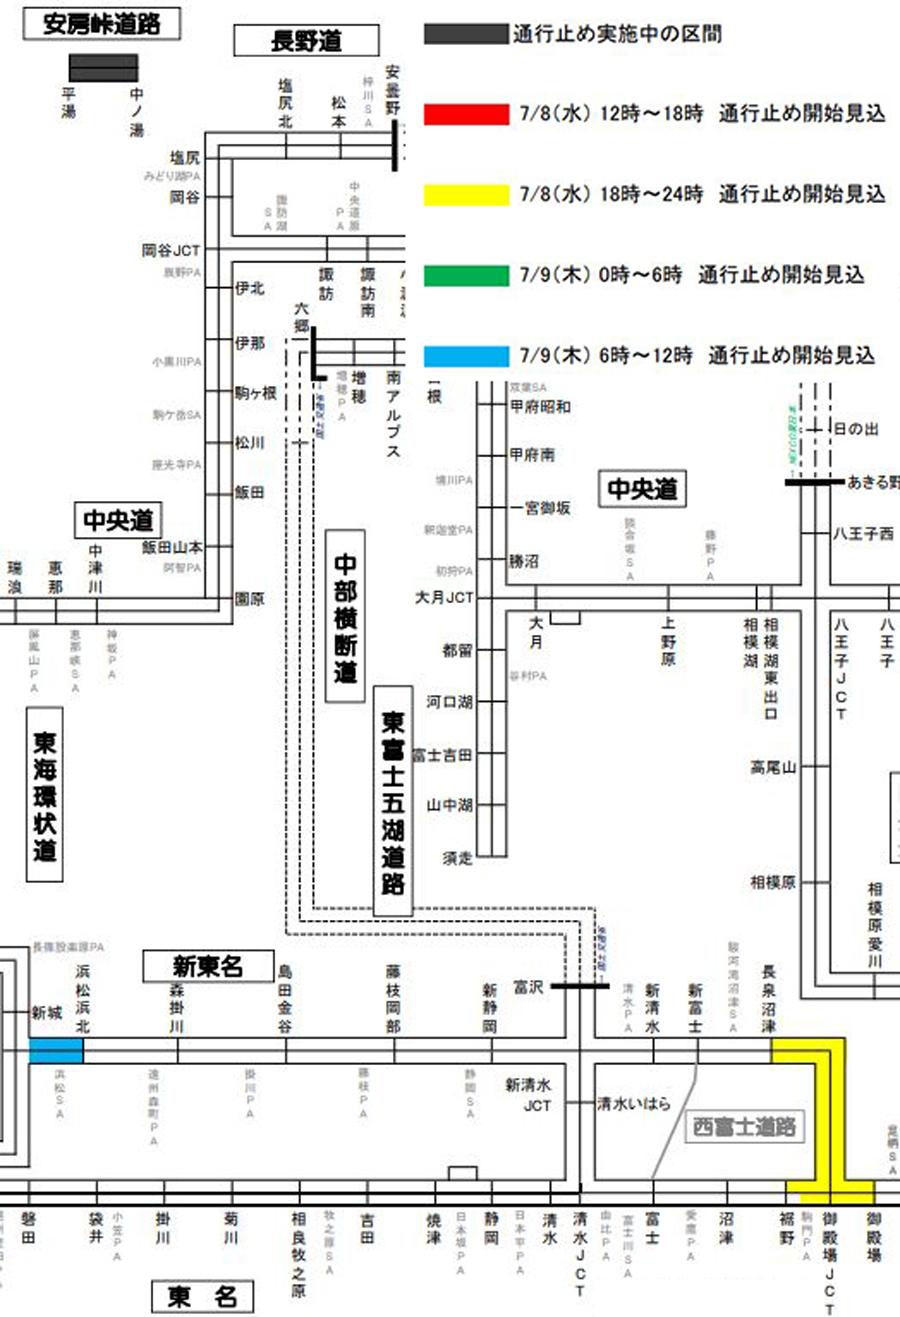 梅雨 大雨 高速道路 通行止め 九州道 大分道 NEXCO中日本管内の通行止め区間(8日14時現在)